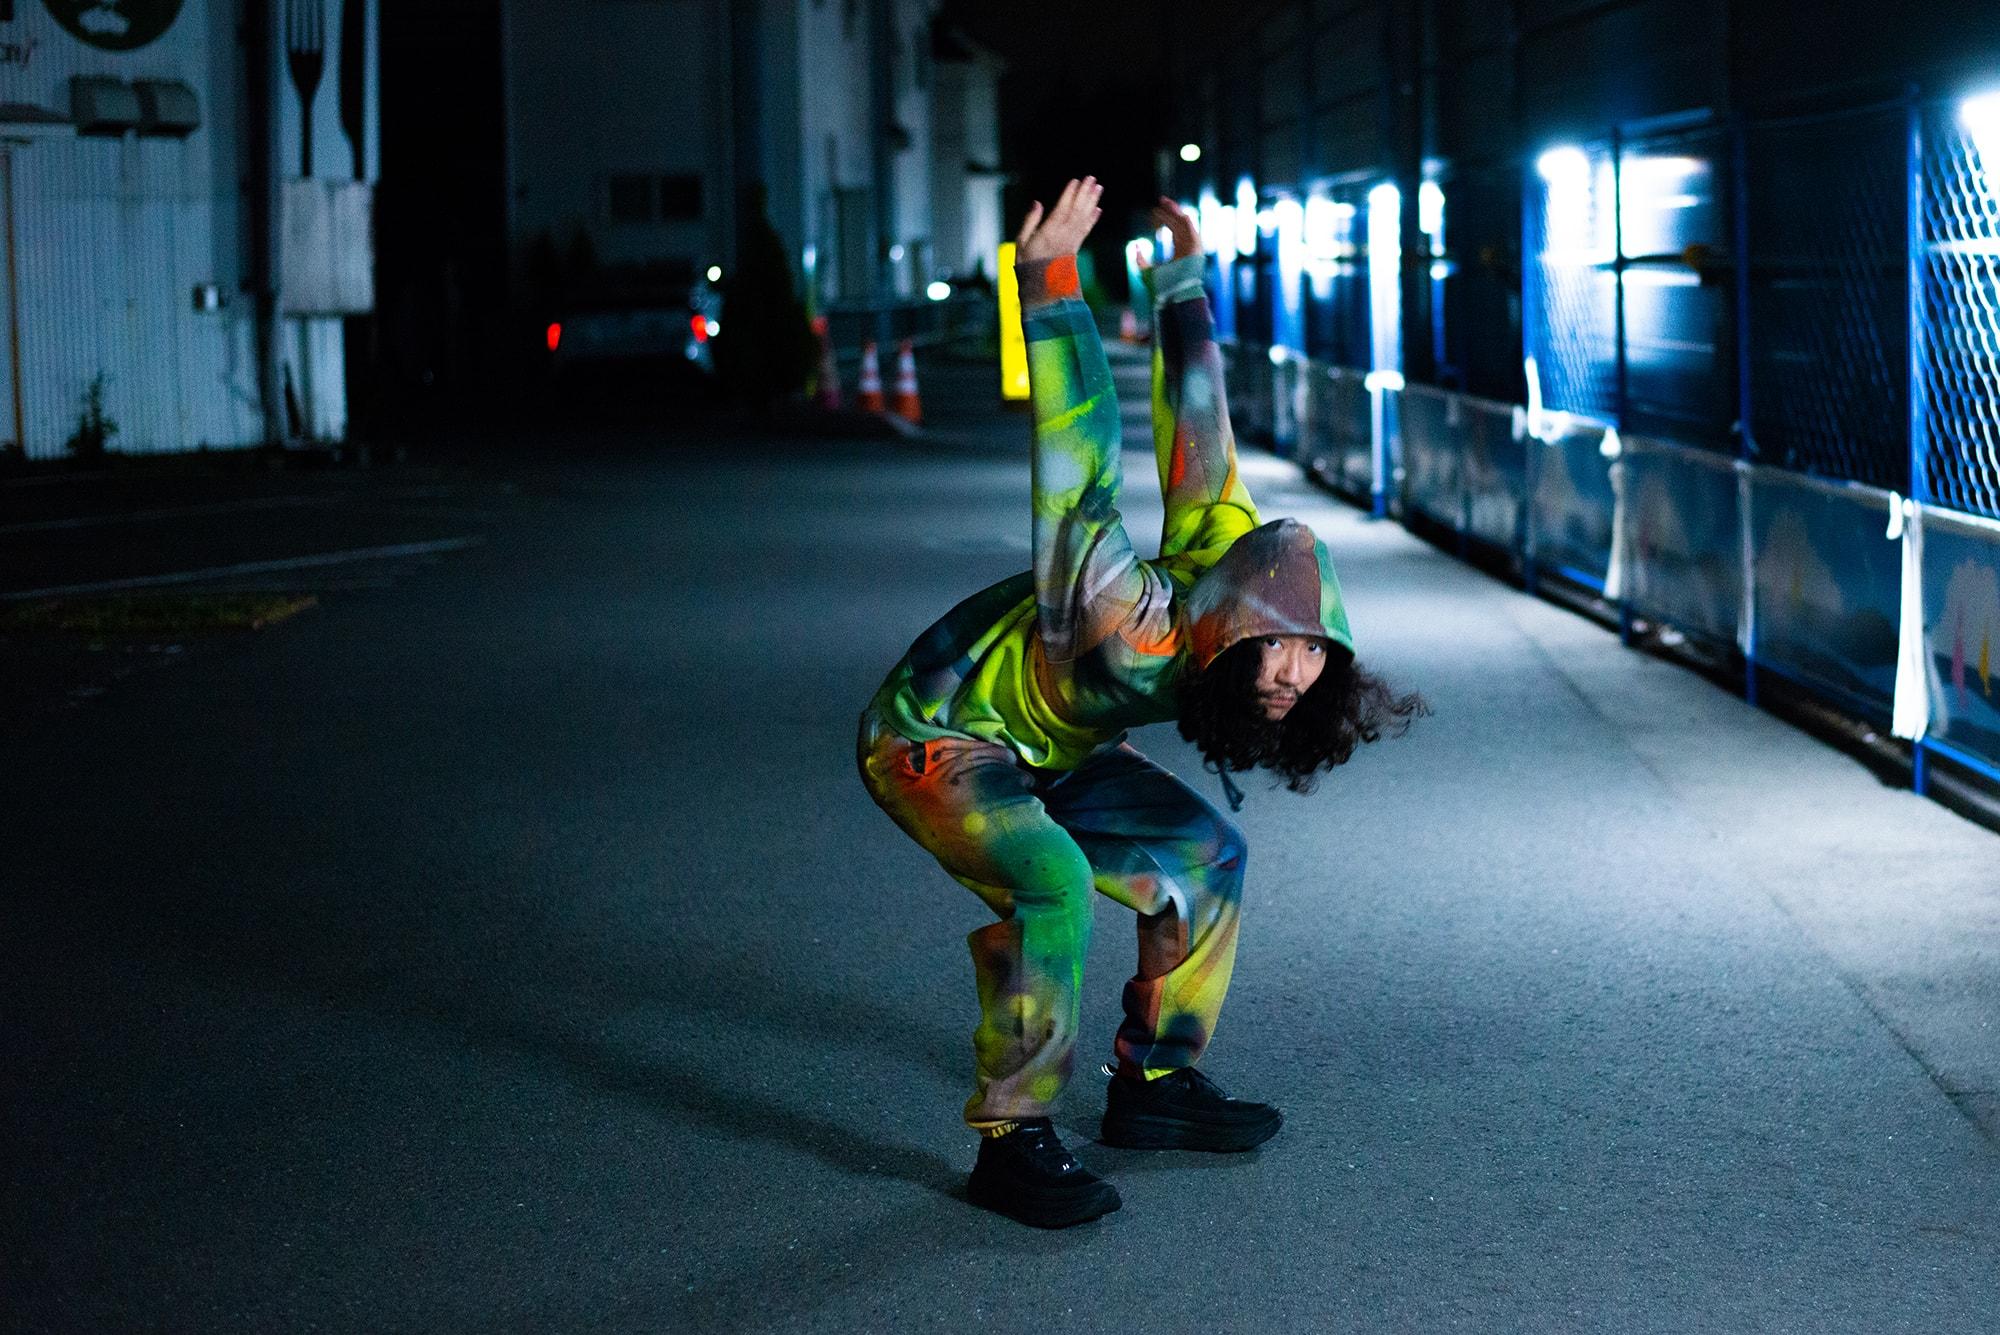 小林健太インタヴュー「家から都市へ、ディスプレイから実空間へ、拡張する意識」 | 小林健太インタヴュー